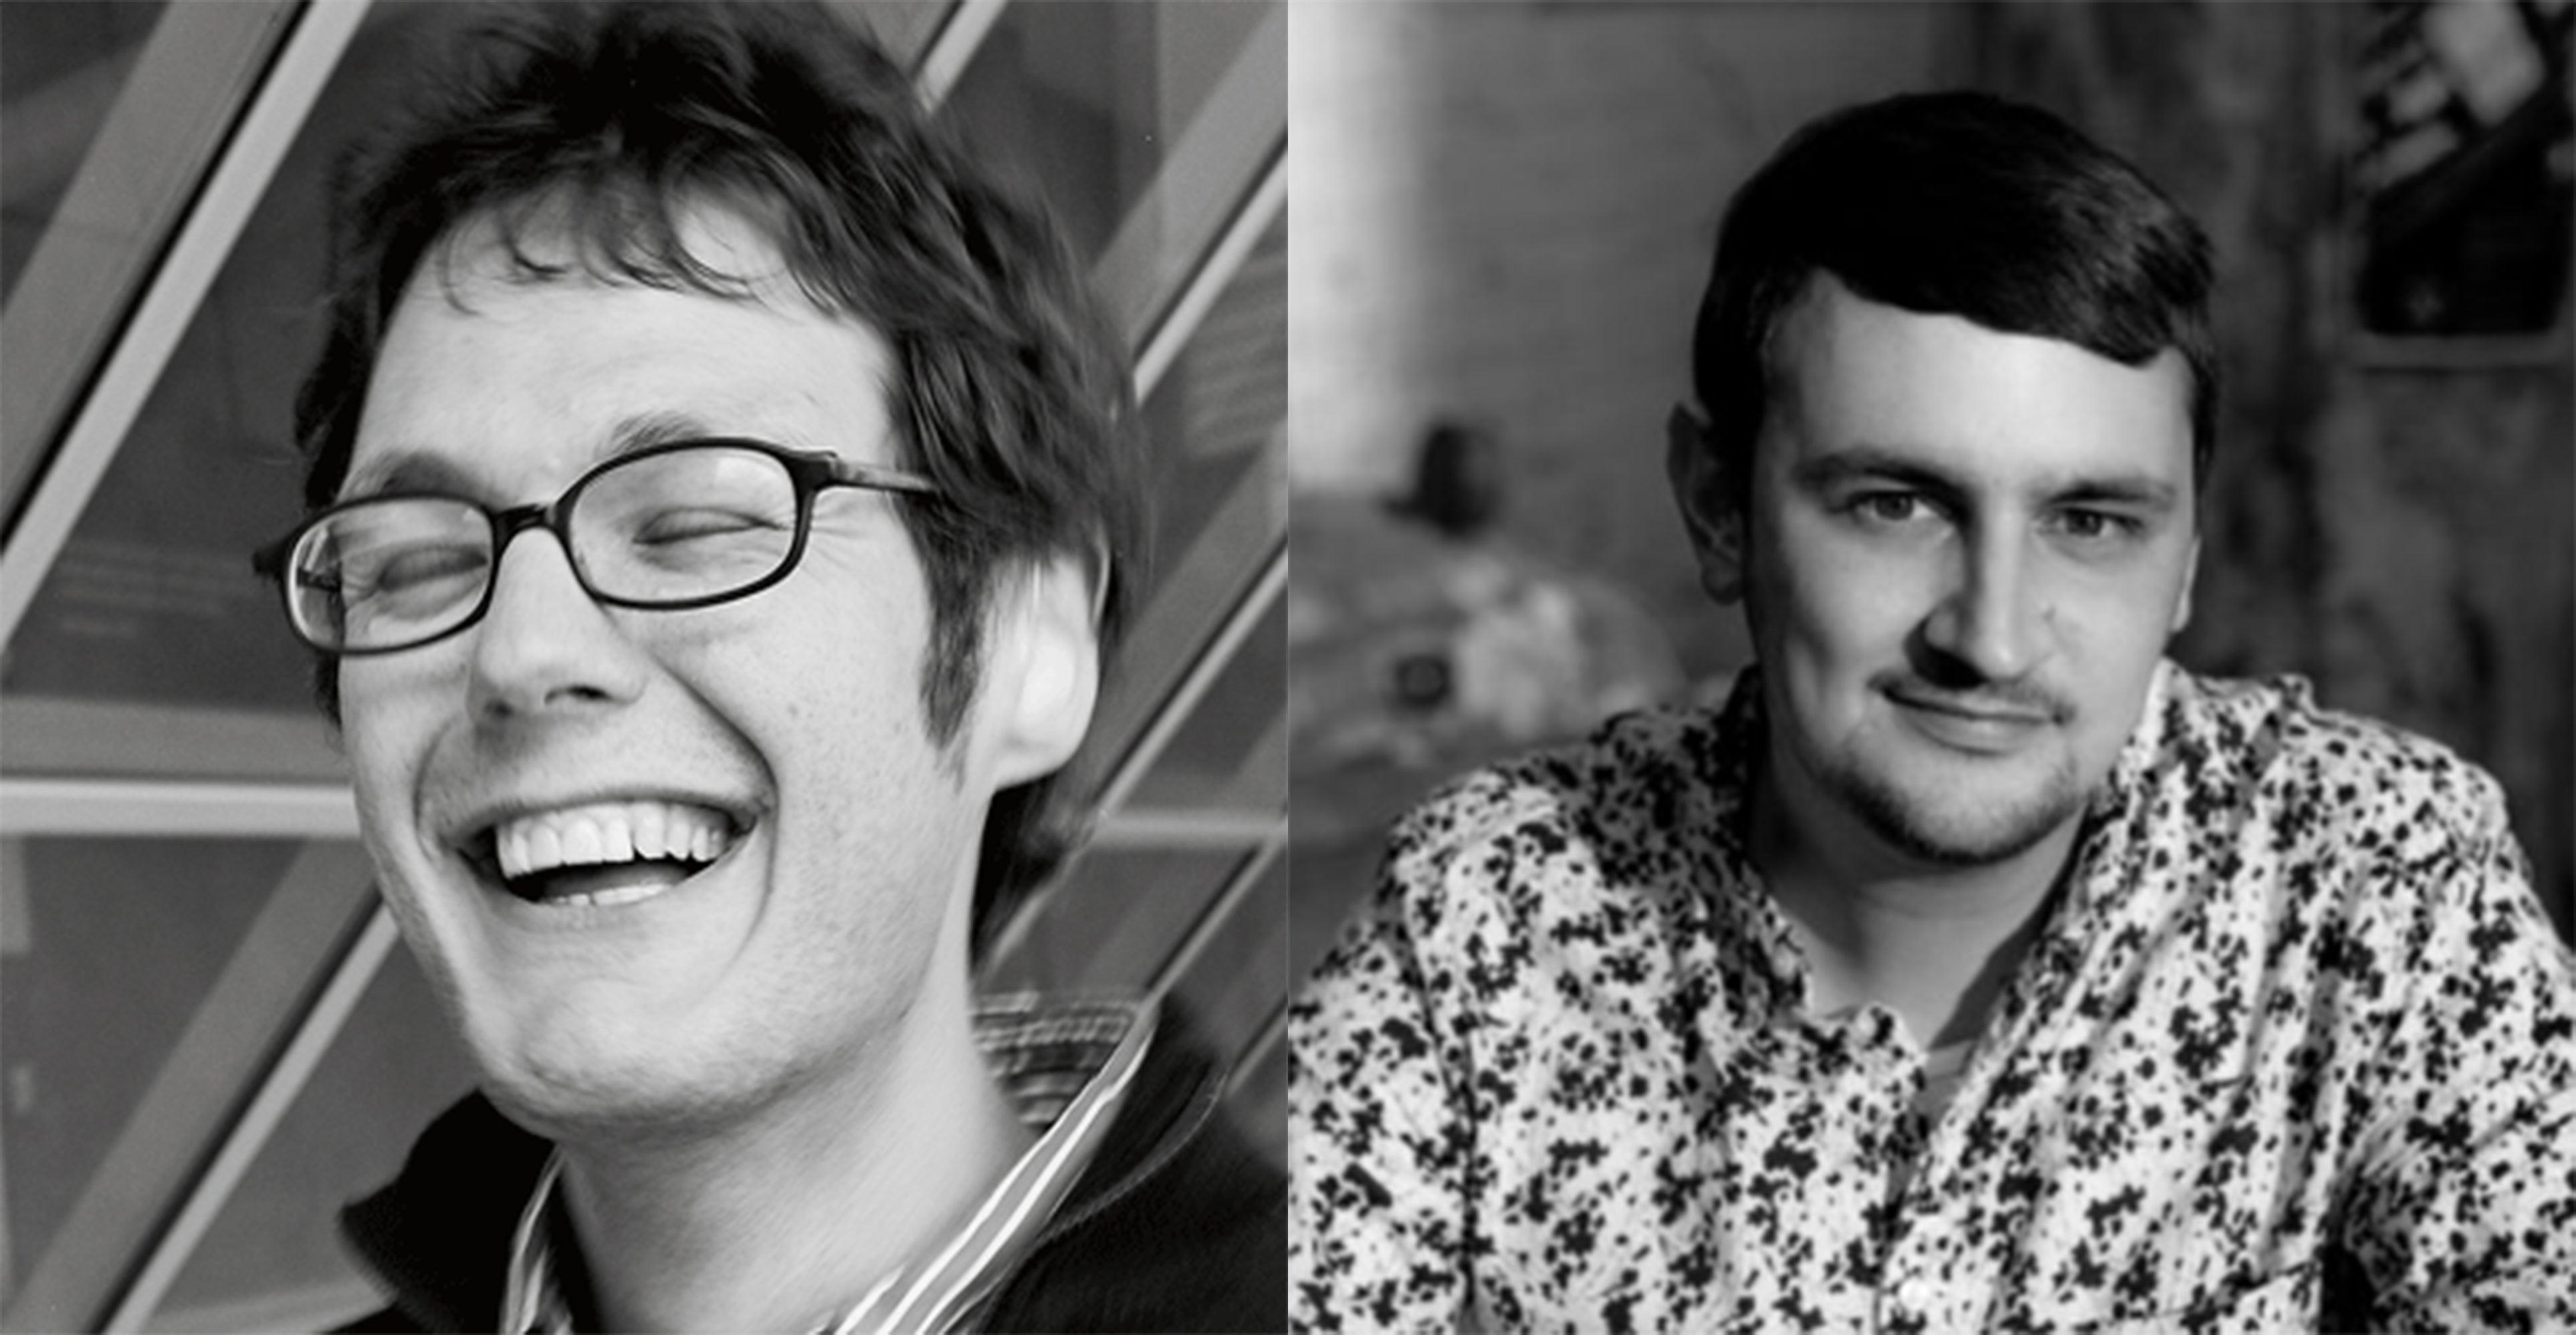 Ilya Kaminsky and John James